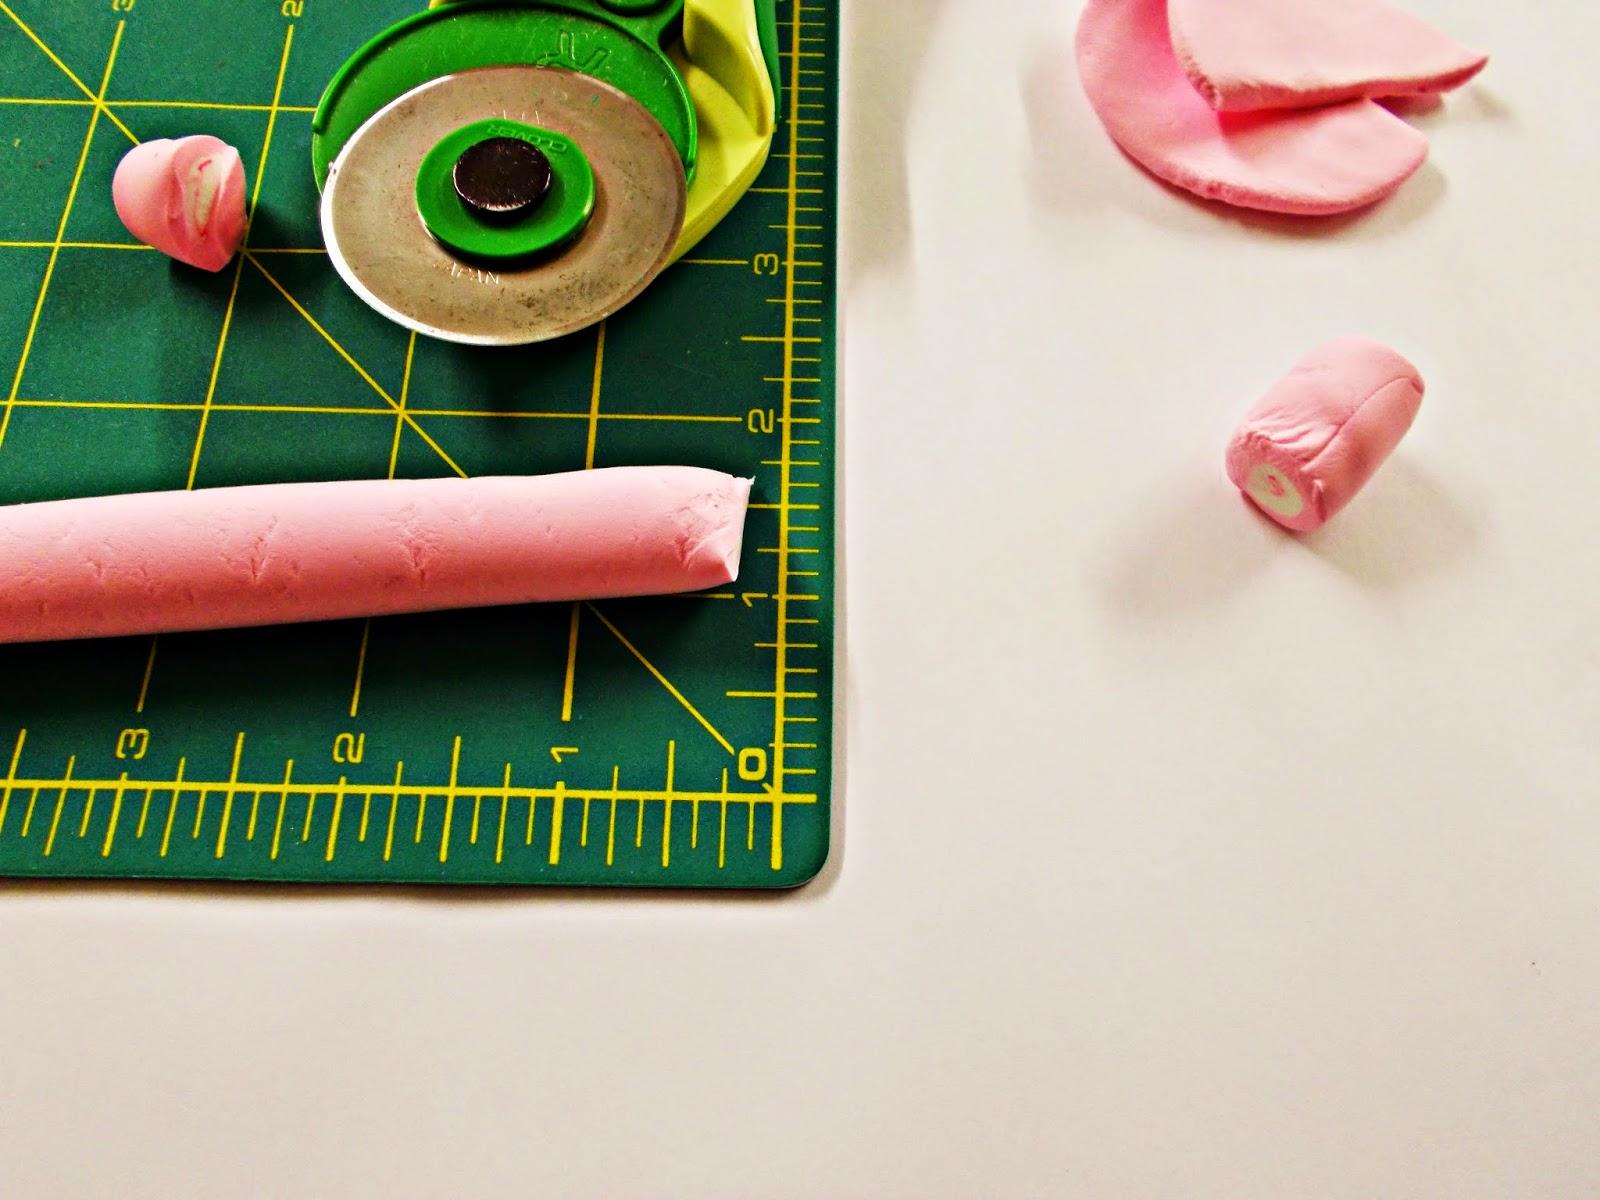 BISUTERÍA-diy-llavero-colgante-pulsera-anillo-nube-esponjita-golosina-chuchería-marshmallow-jumping clay-arcilla ligera polimérica-